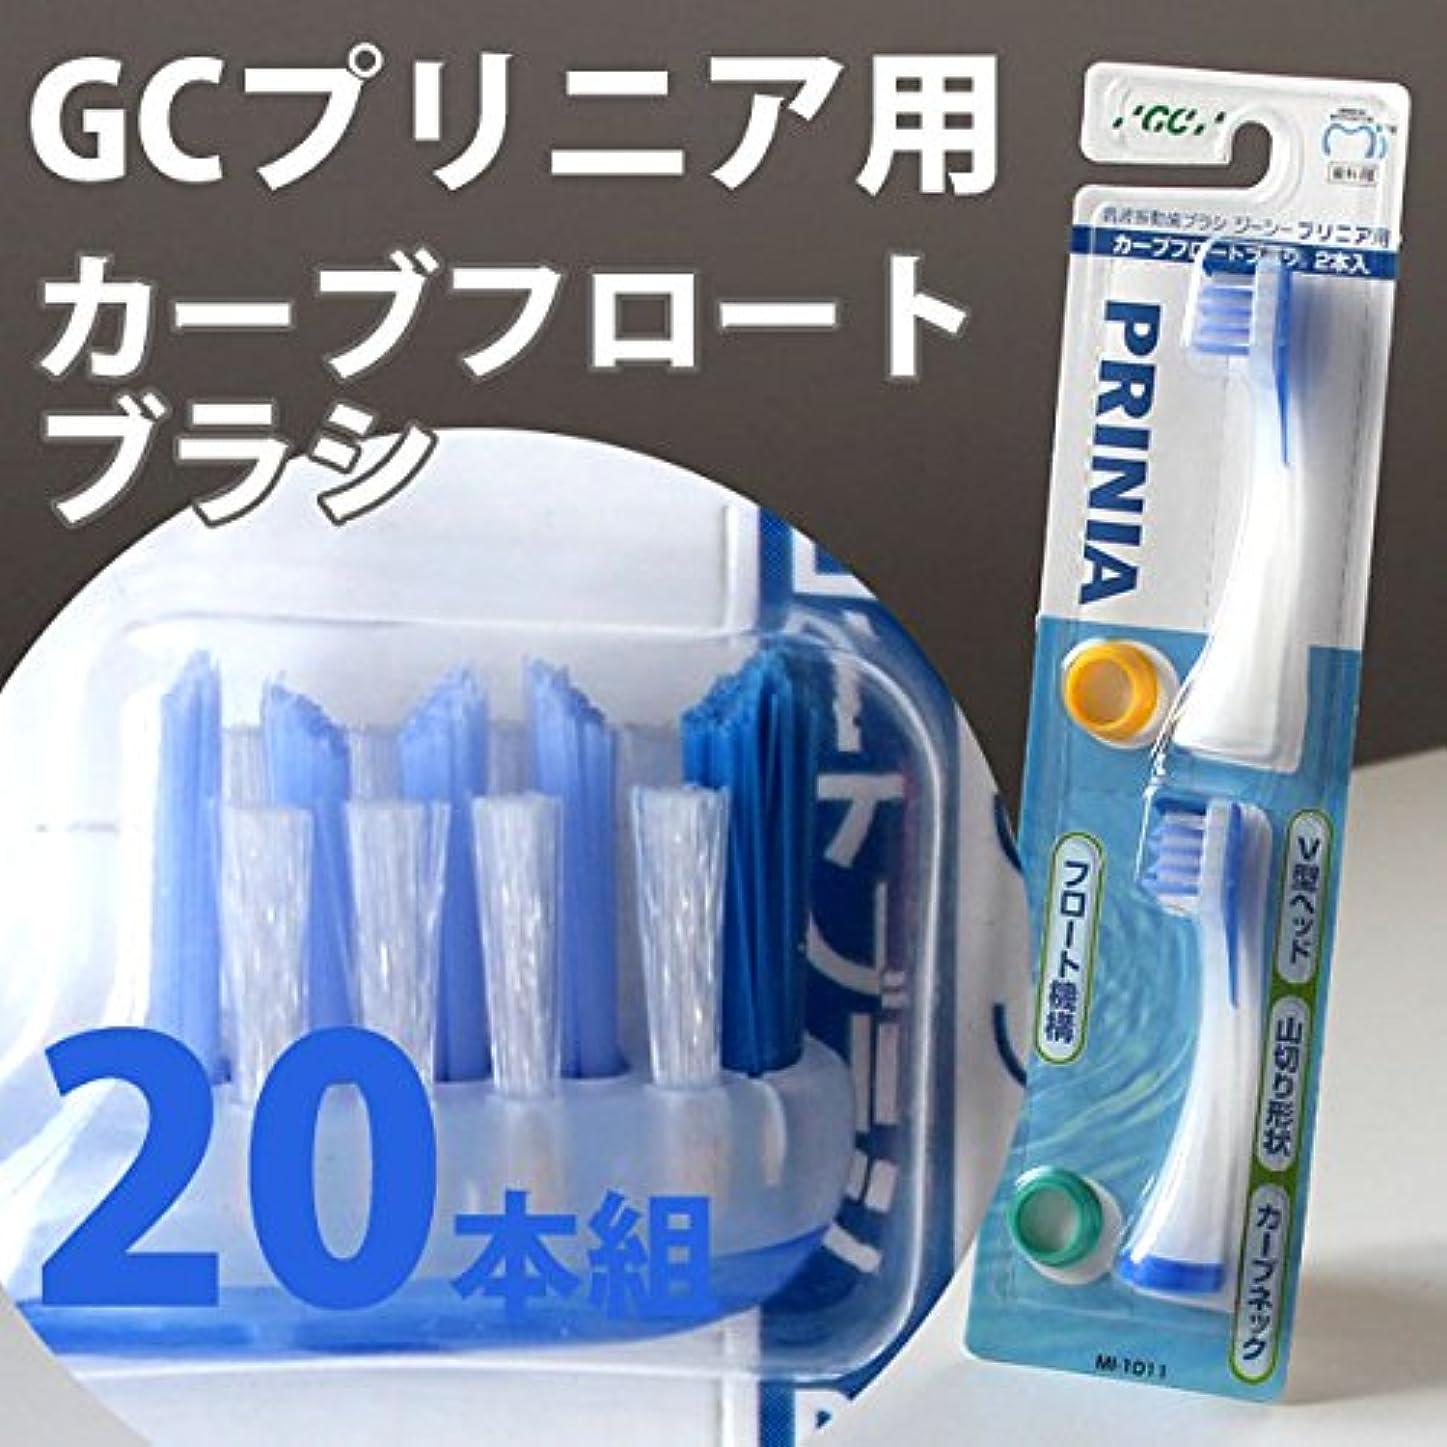 はっきりしないほとんどの場合わかりやすいプリニア GC 音波振動 歯ブラシ プリニアスリム替えブラシ カーブフロートブラシ 10セット 便不 ブルー